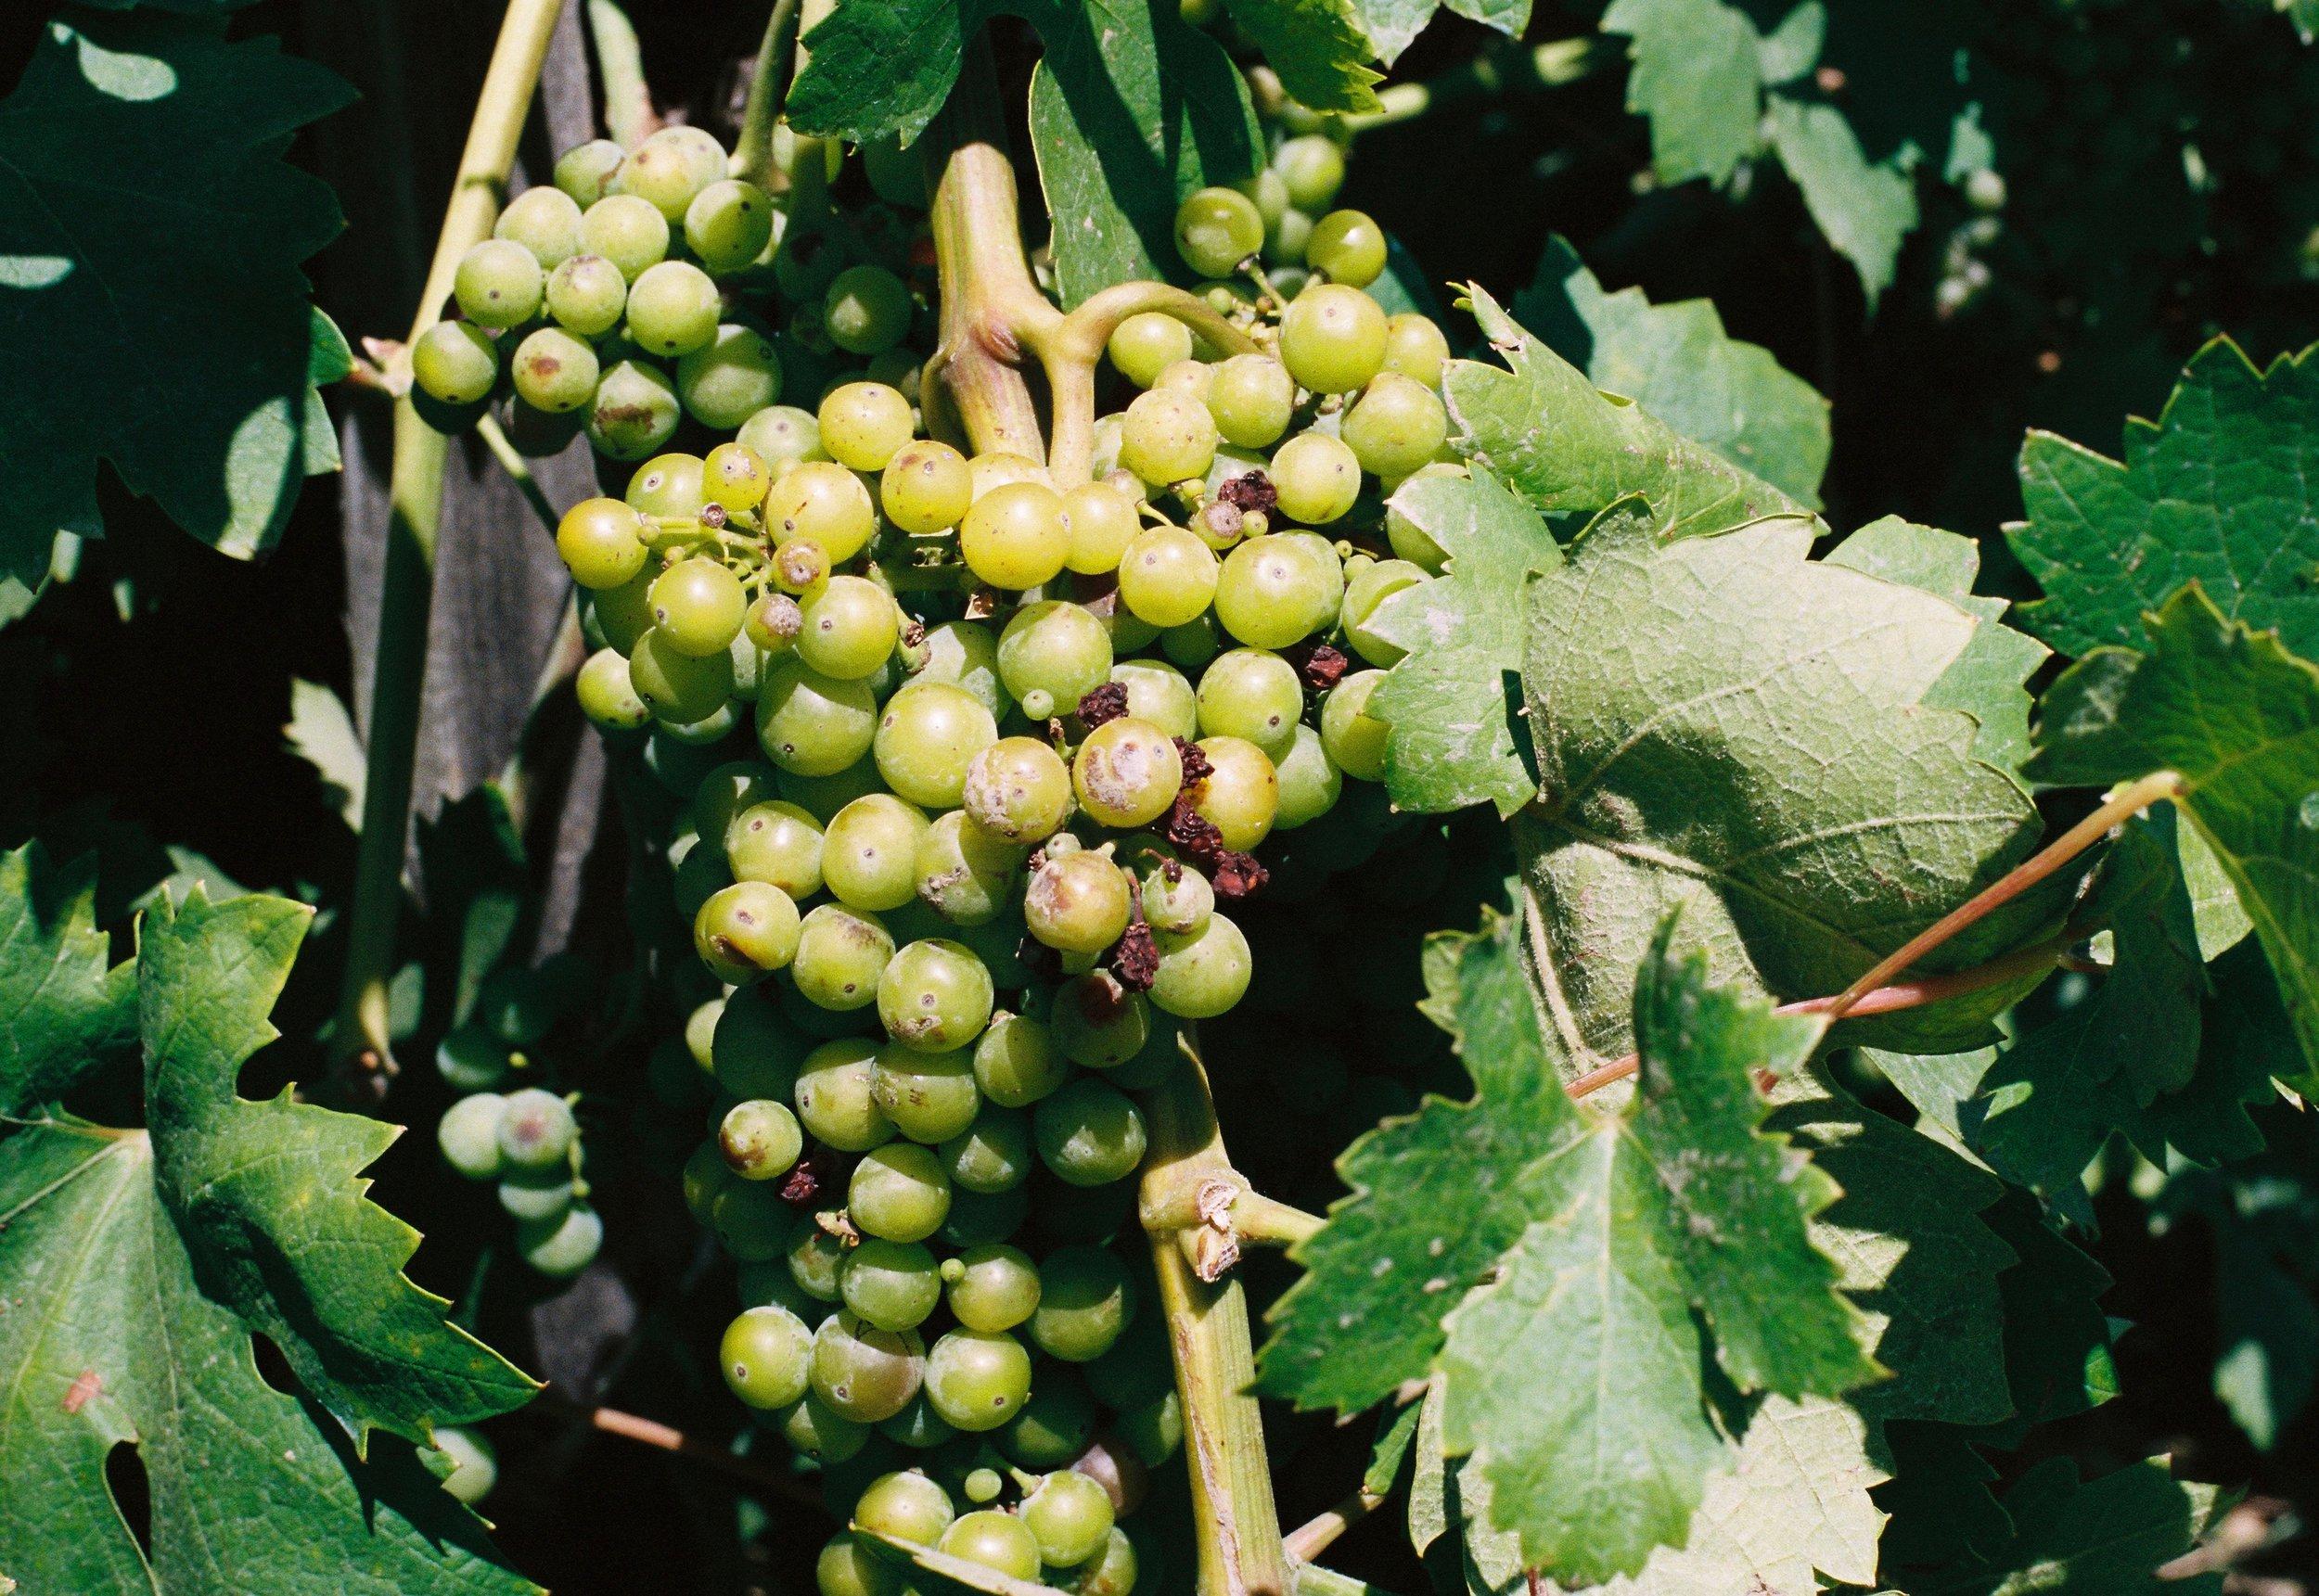 Grapes on the vine at Castello di Amorosa in Calistoga, CA